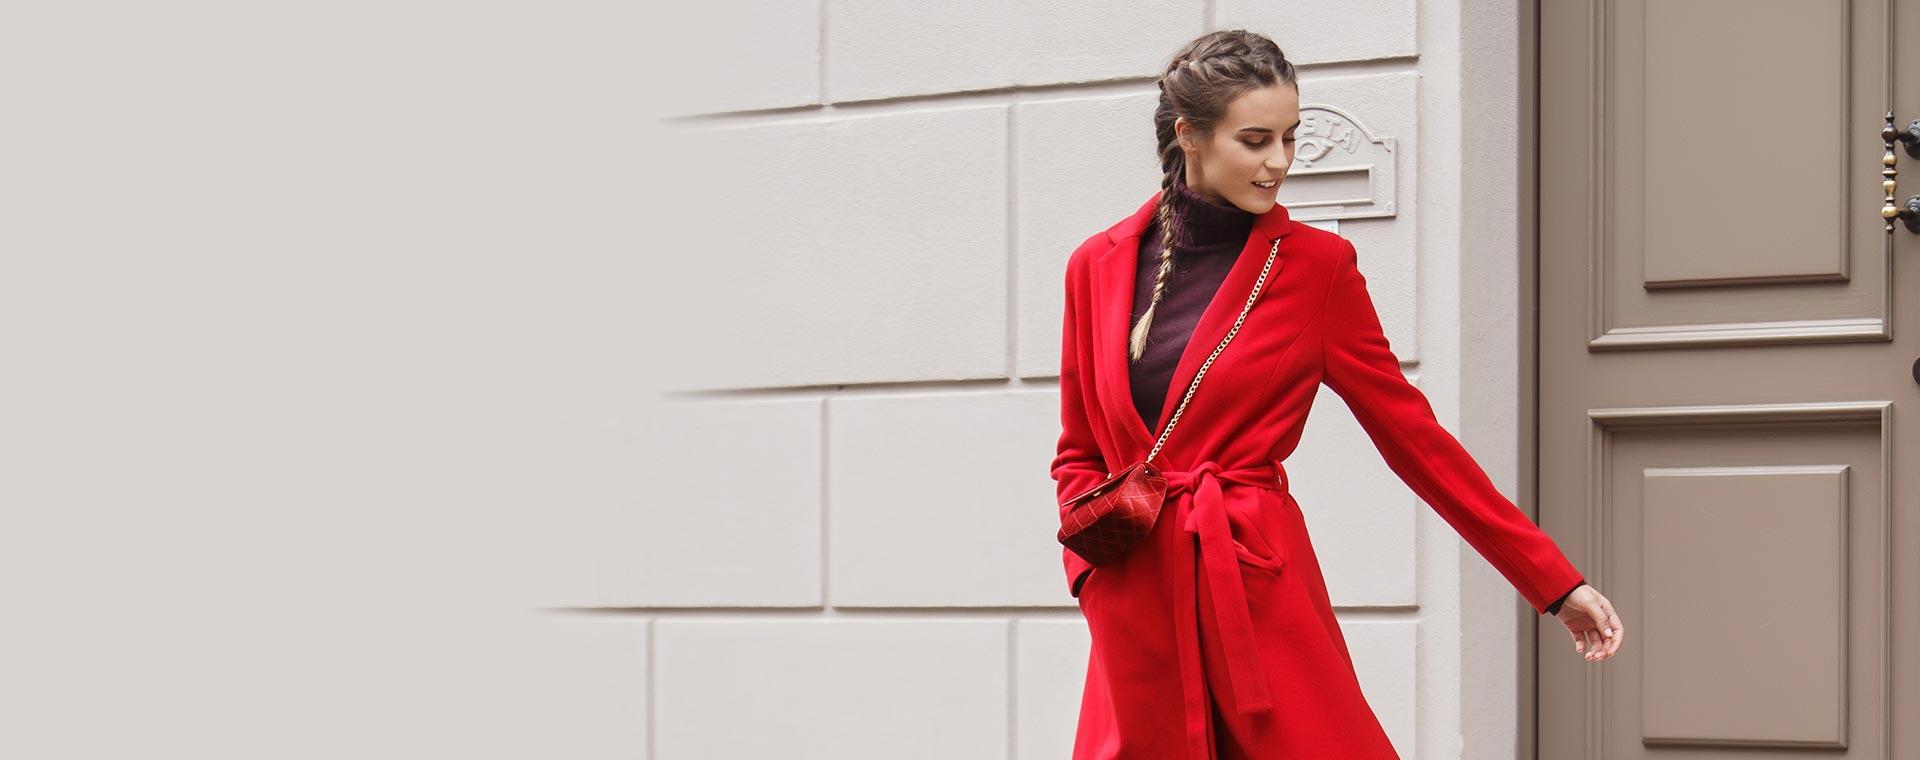 Online W6qaqg7 Collezione Abbigliamento Donna Scopri La Upim rRqFrC